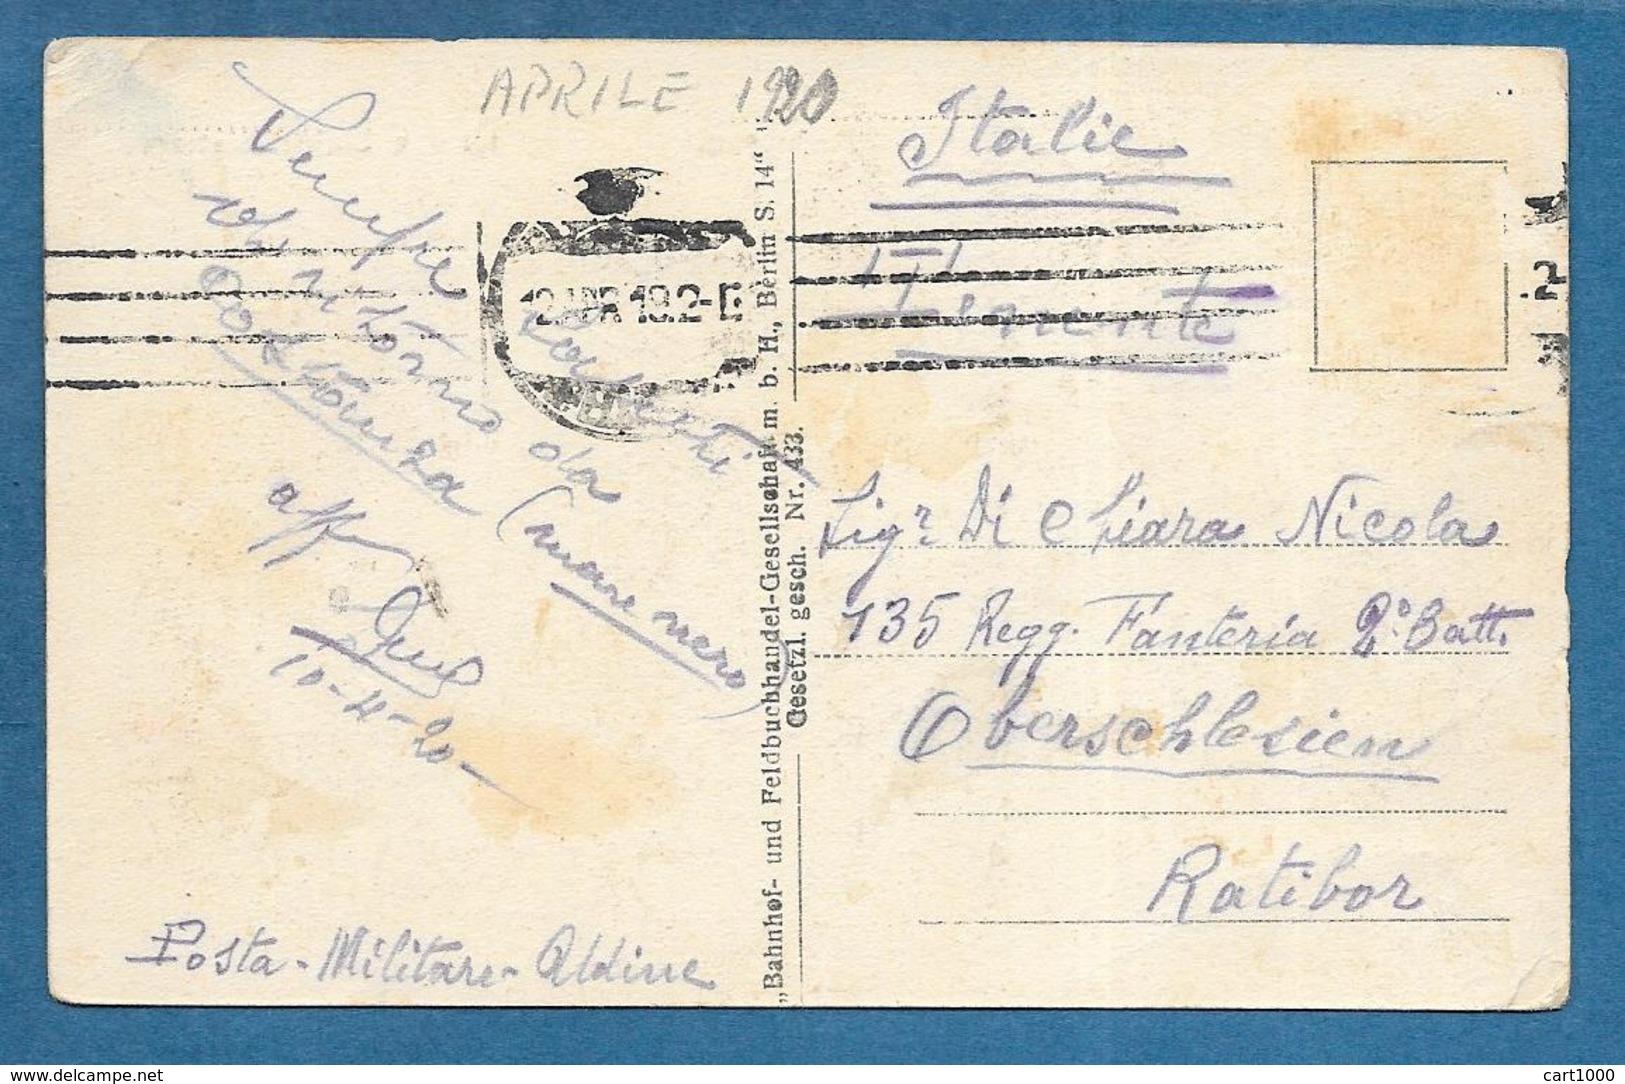 FOCSANI GROSSE EINIGKEITSTRASSE 1920 - Romania